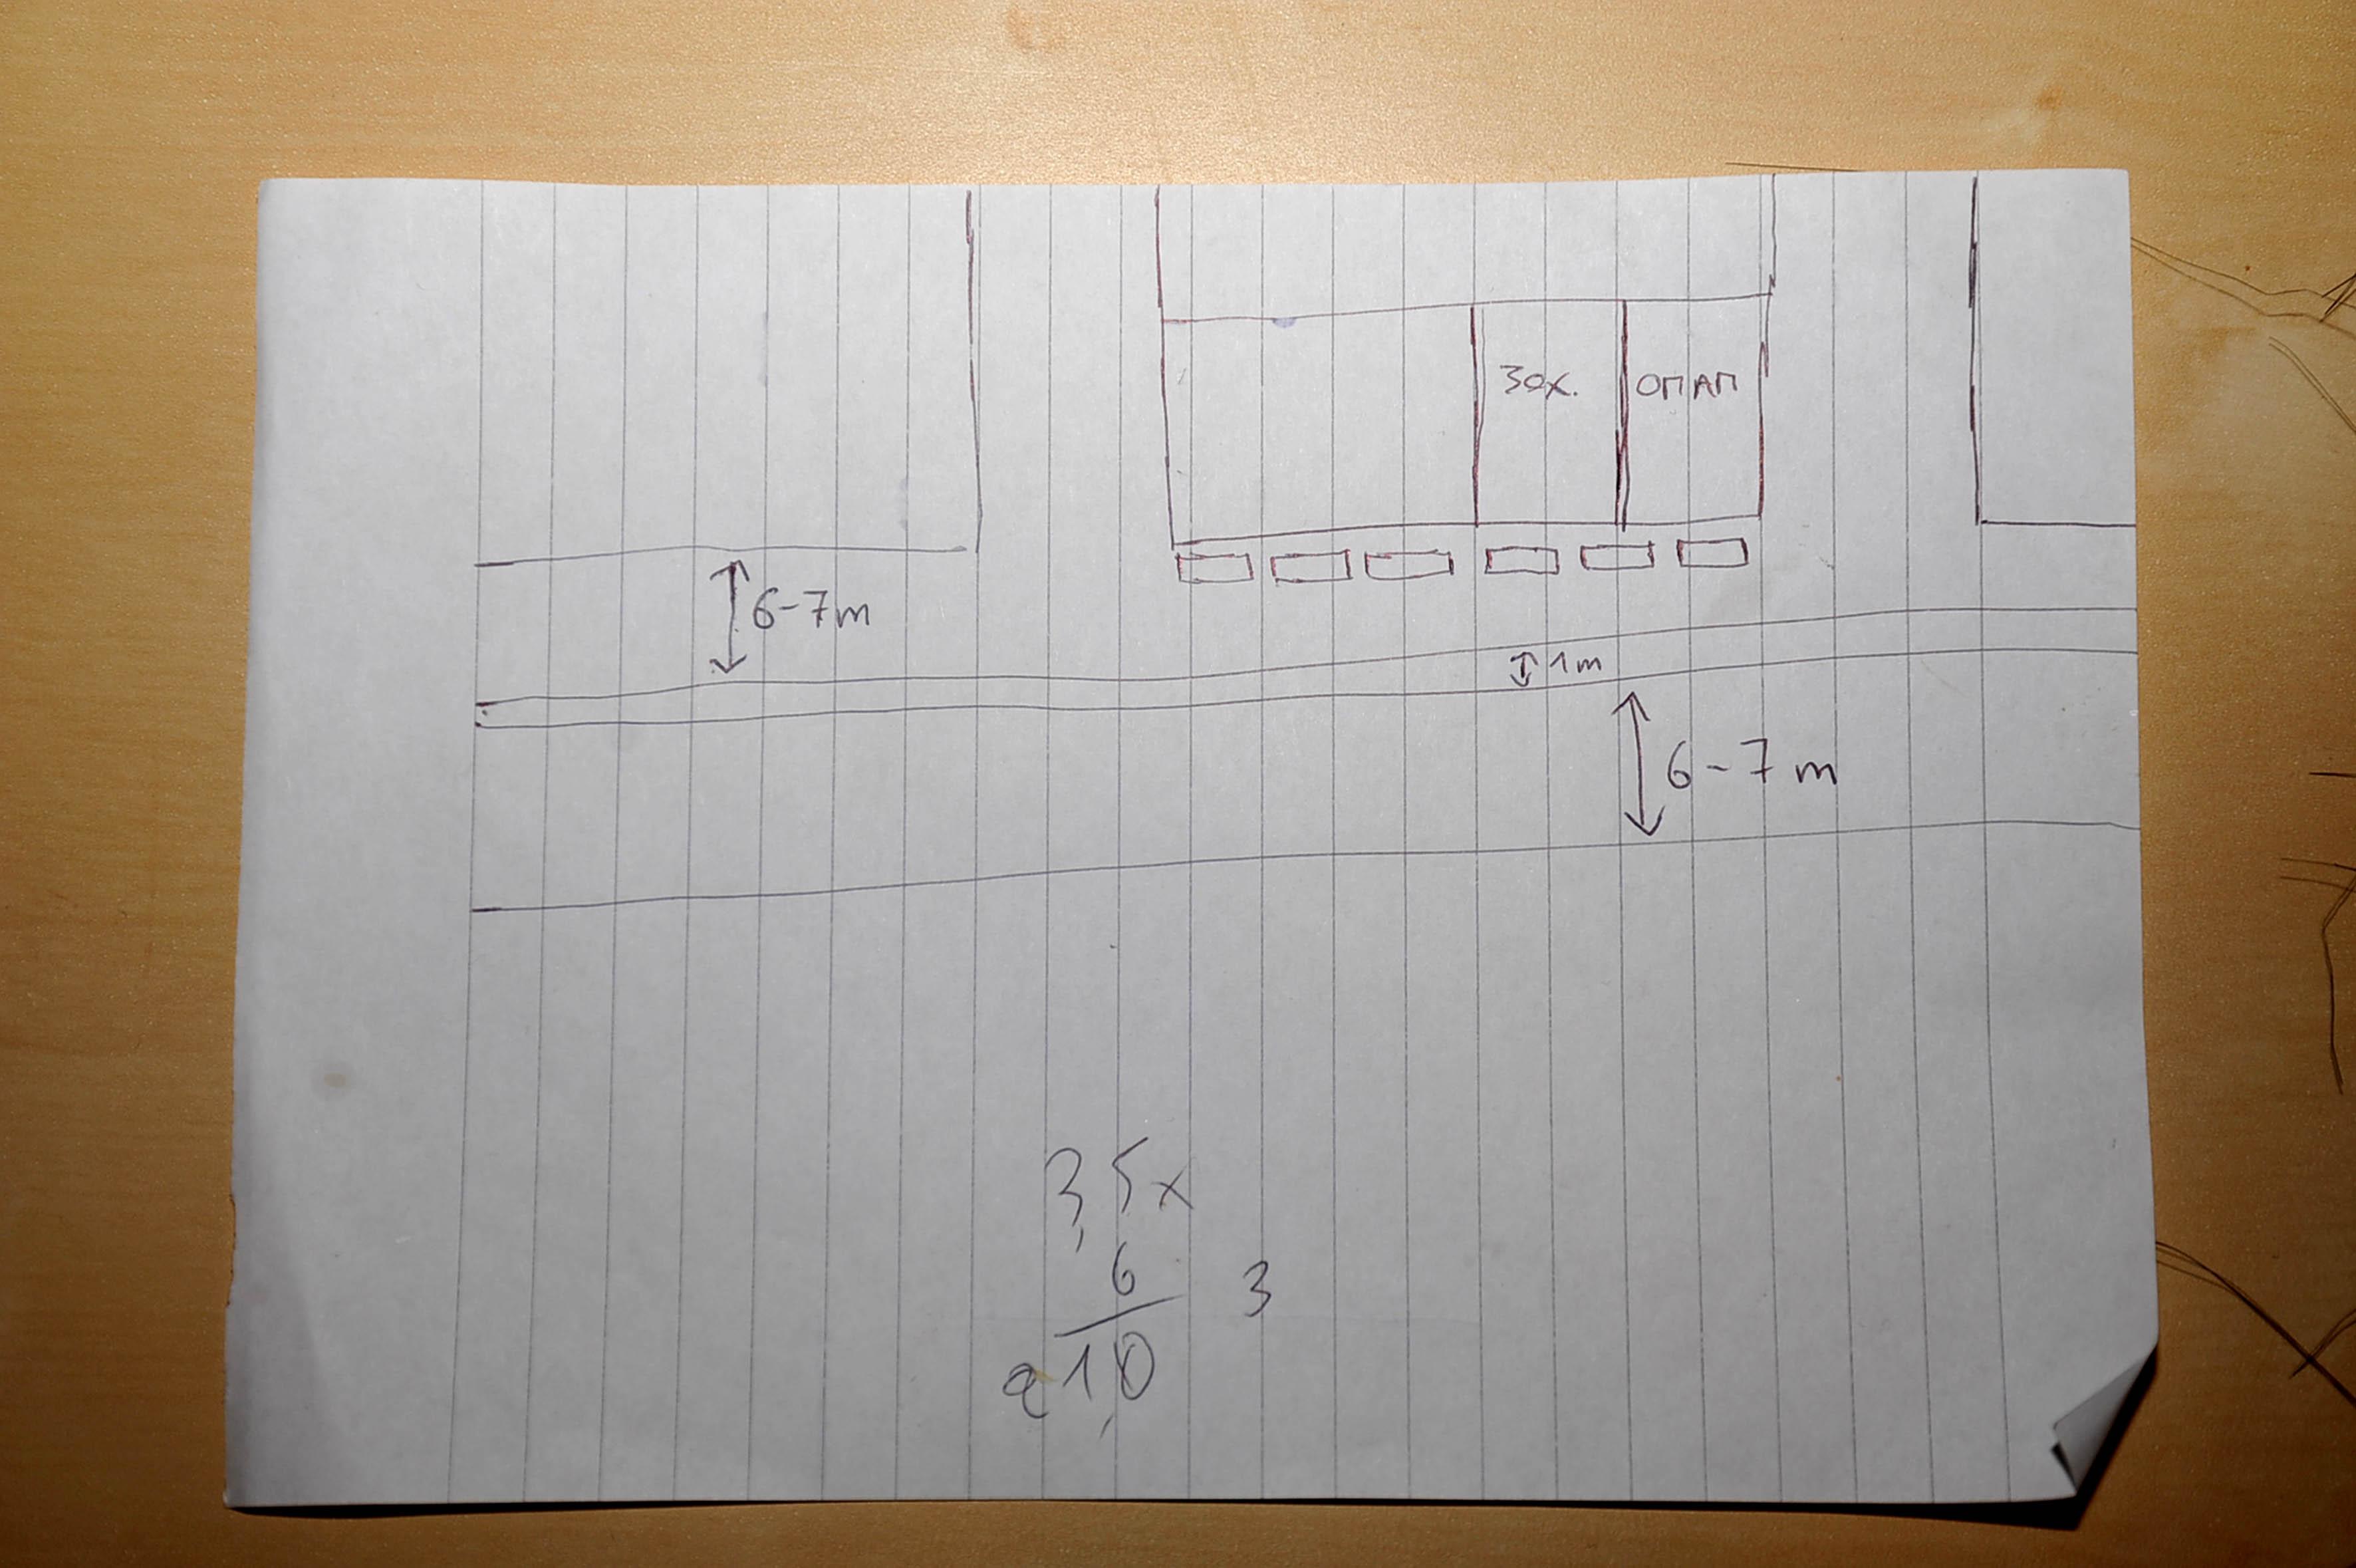 """Ένα από τα σχεδιαγράμματα για """"χτύπημα"""" της οργάνωσης εναντίον αστυνομικού στόχου που βρέθηκε στο σπίτι του κατηγορούμενου Νίκου Μαζιώτη"""